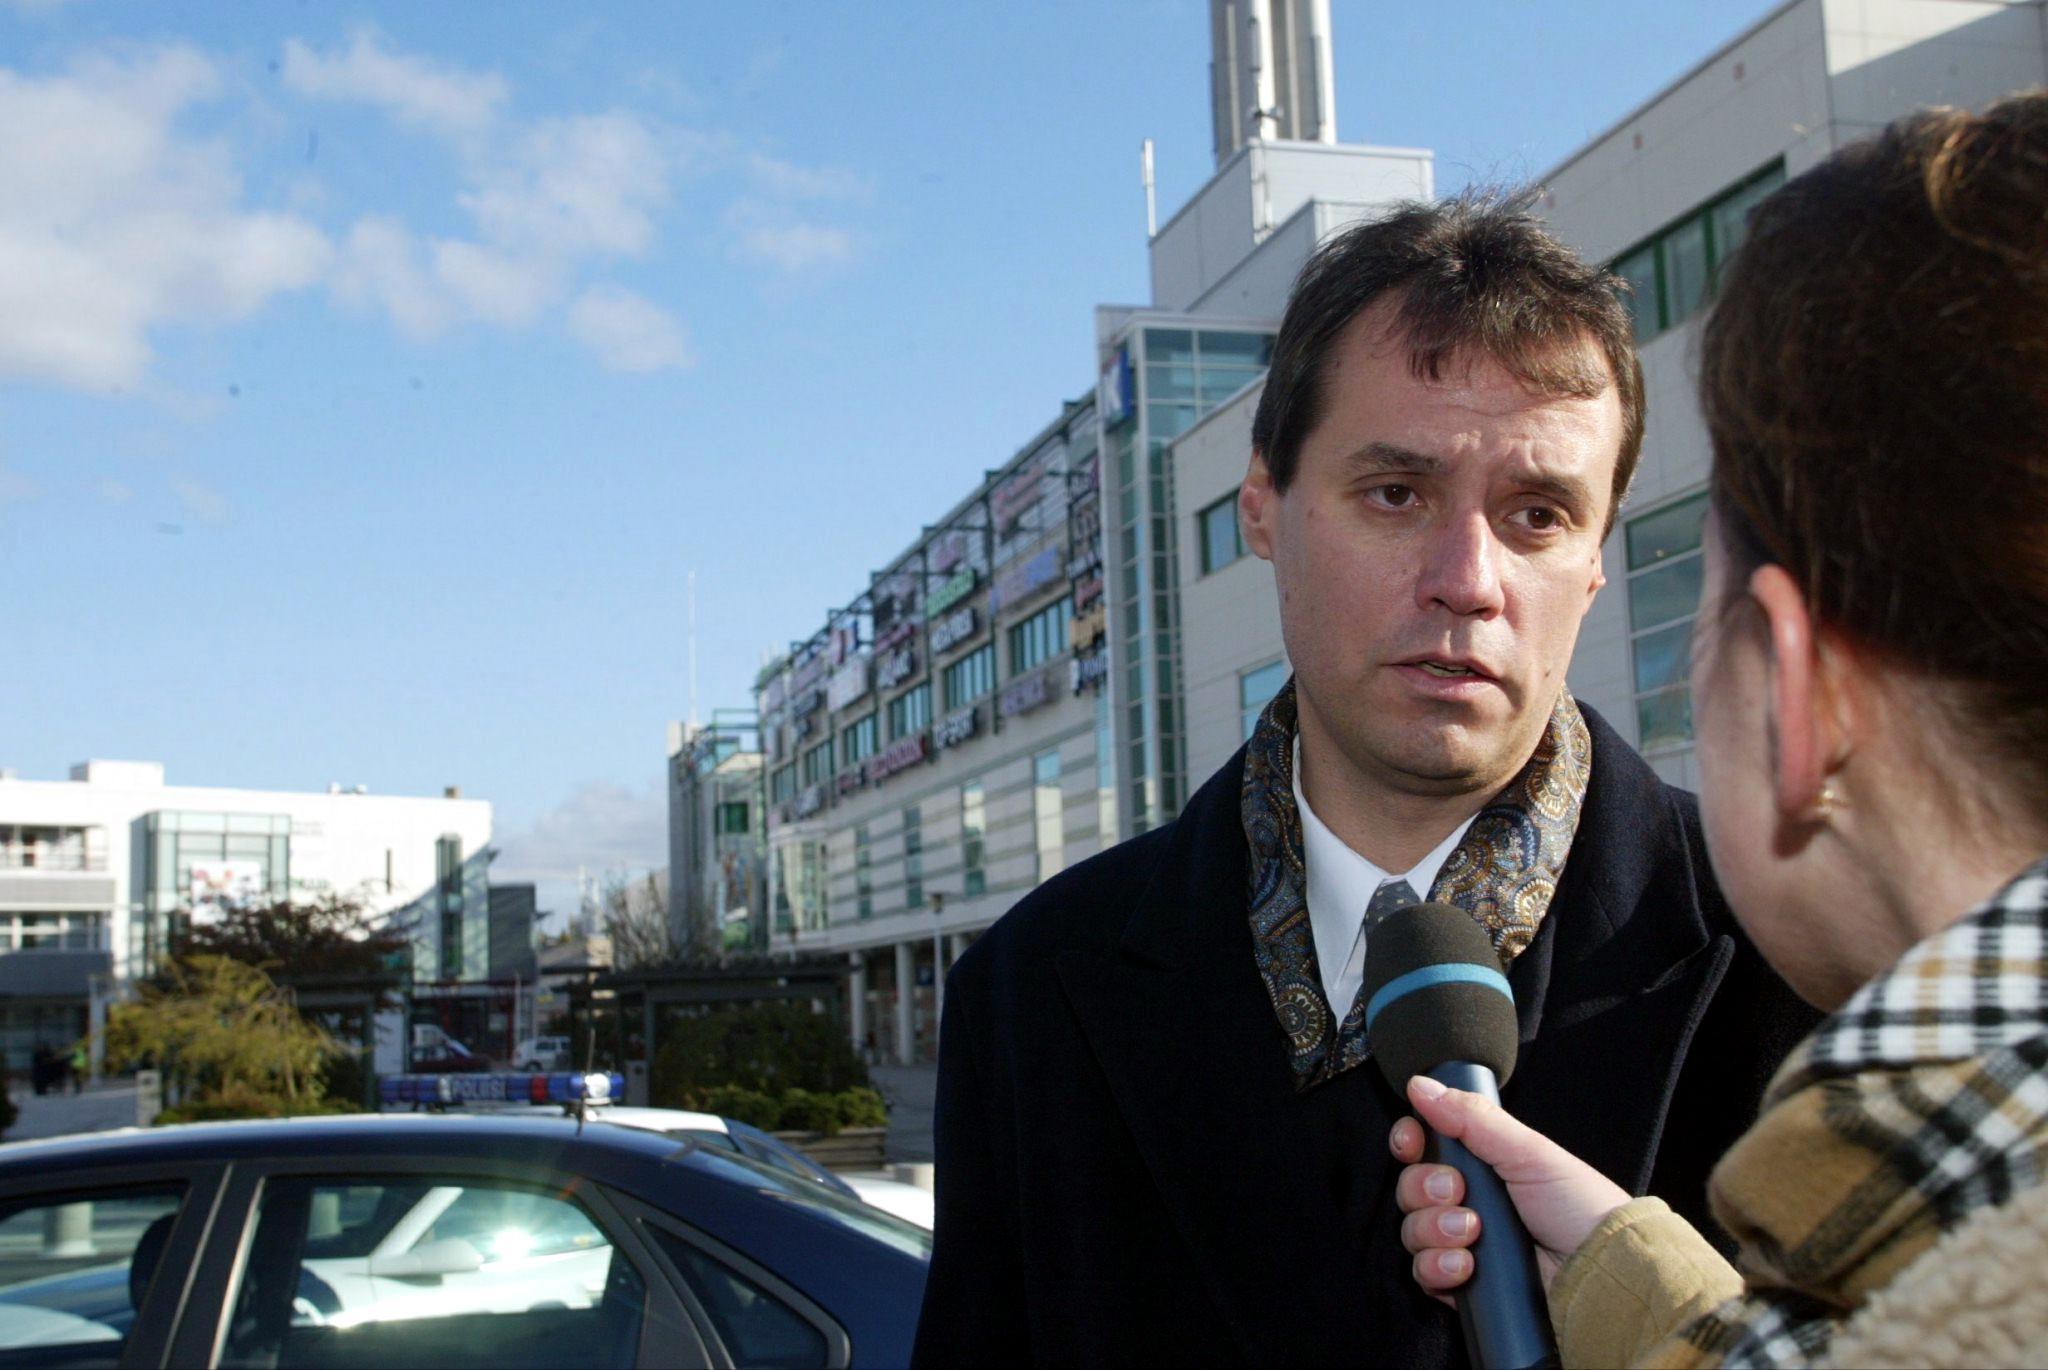 Magyarországra jönne az OLAF vezetője, hogy megbeszélje Polt Péterrel, miért van itt ilyen sok szabálytalanság az EU-s pénzekkel